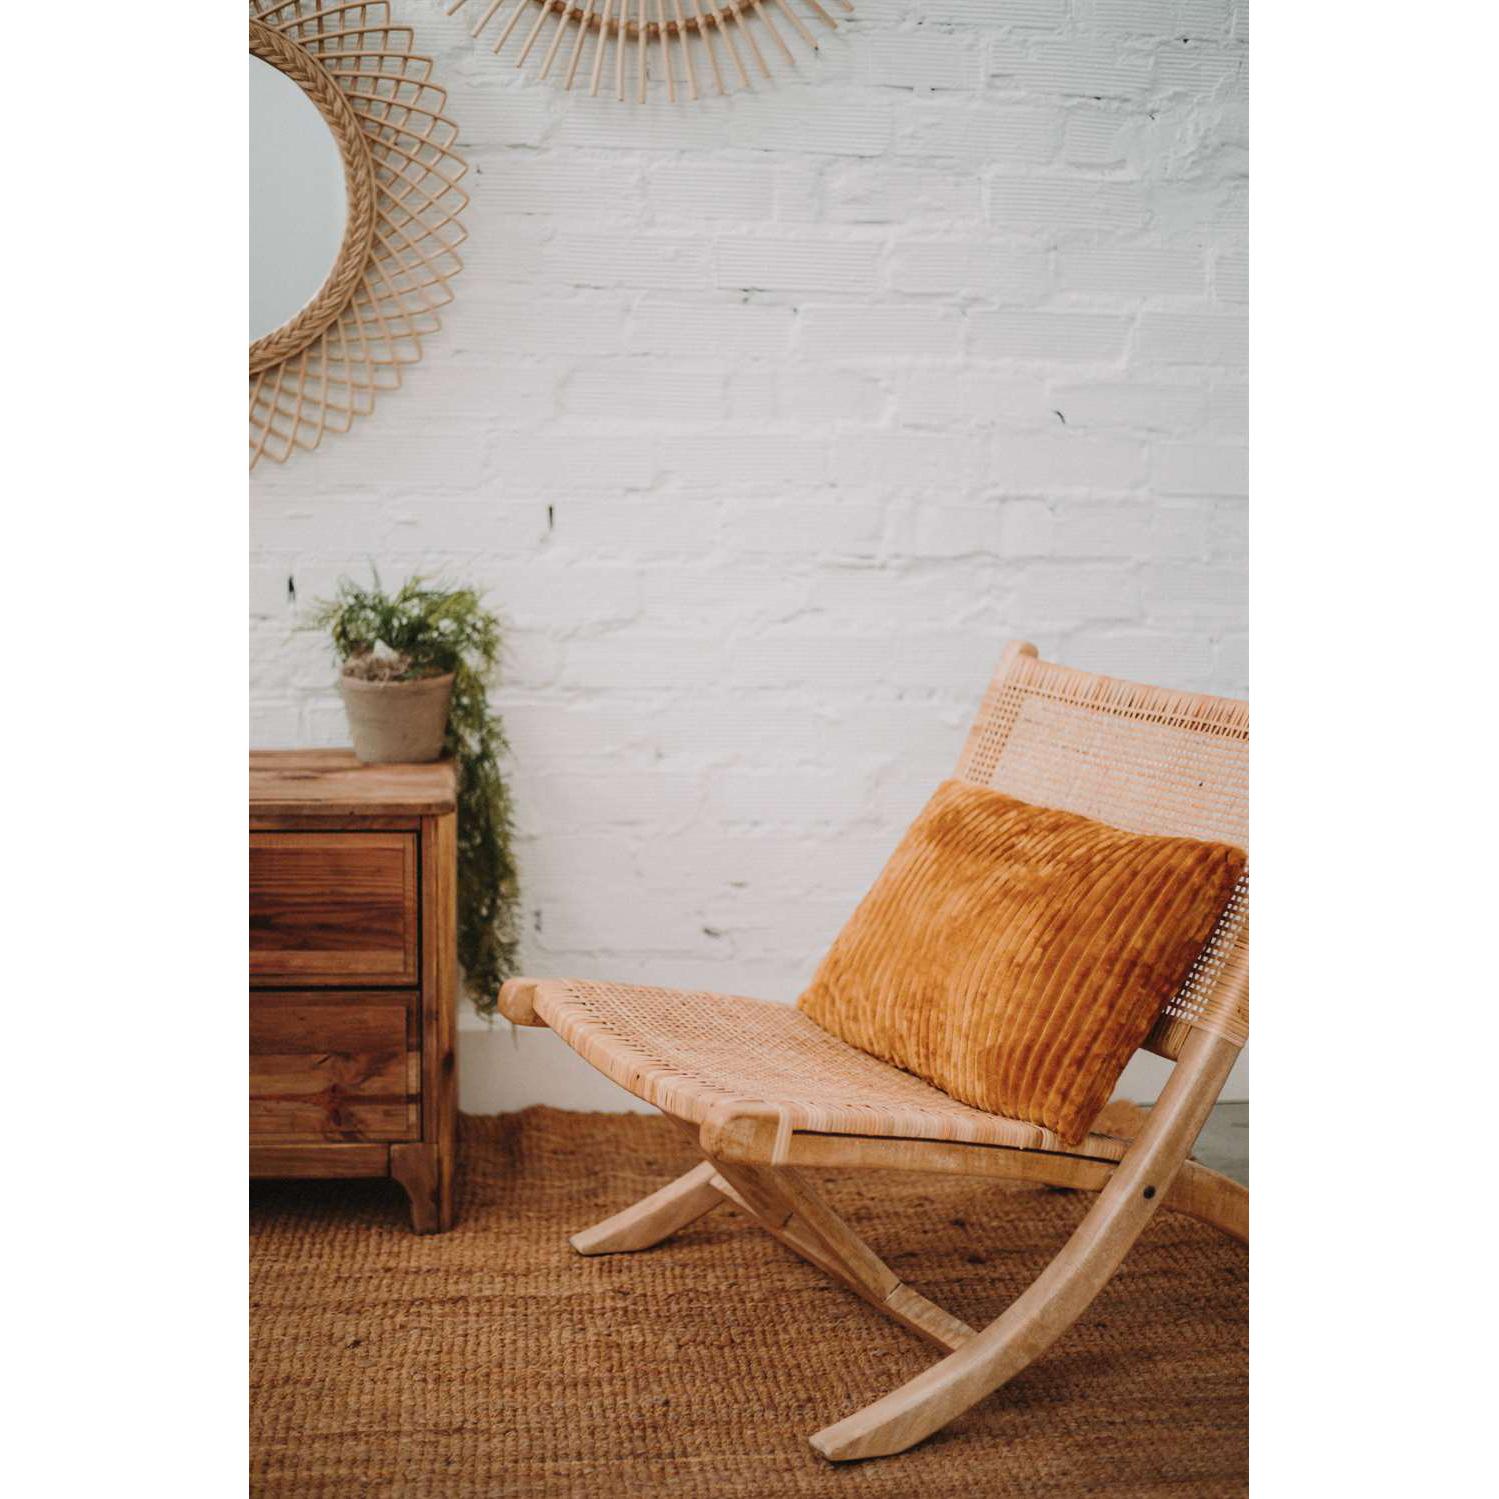 Cadeirão Bergo, dobrável, madeira manga/corda de algodão, 77x53x80